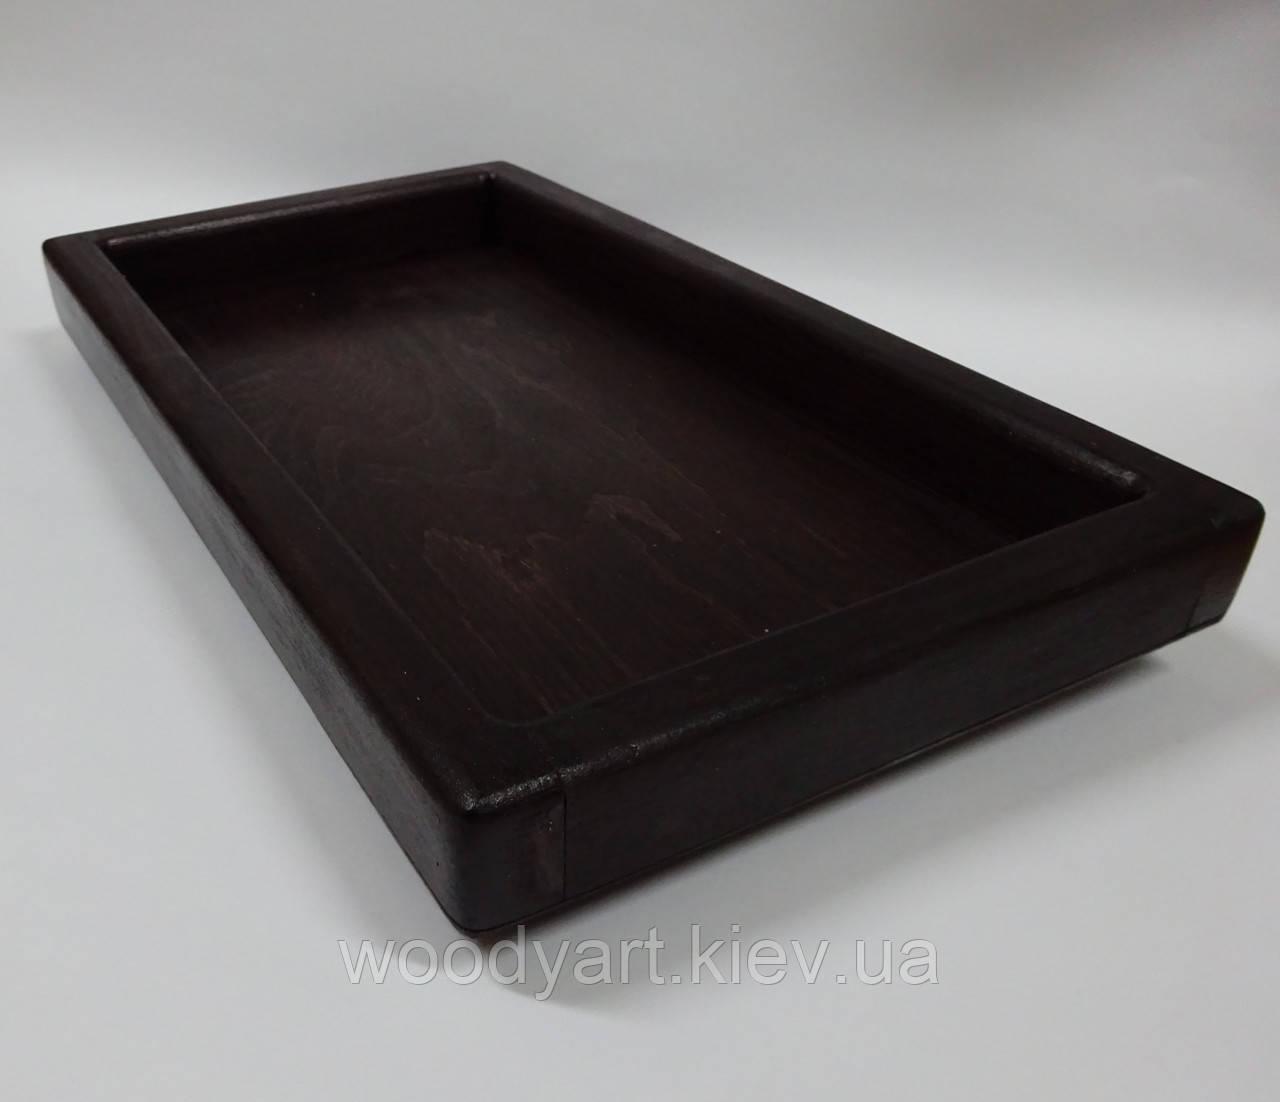 Поднос прямоугольный 35 * 25 см.